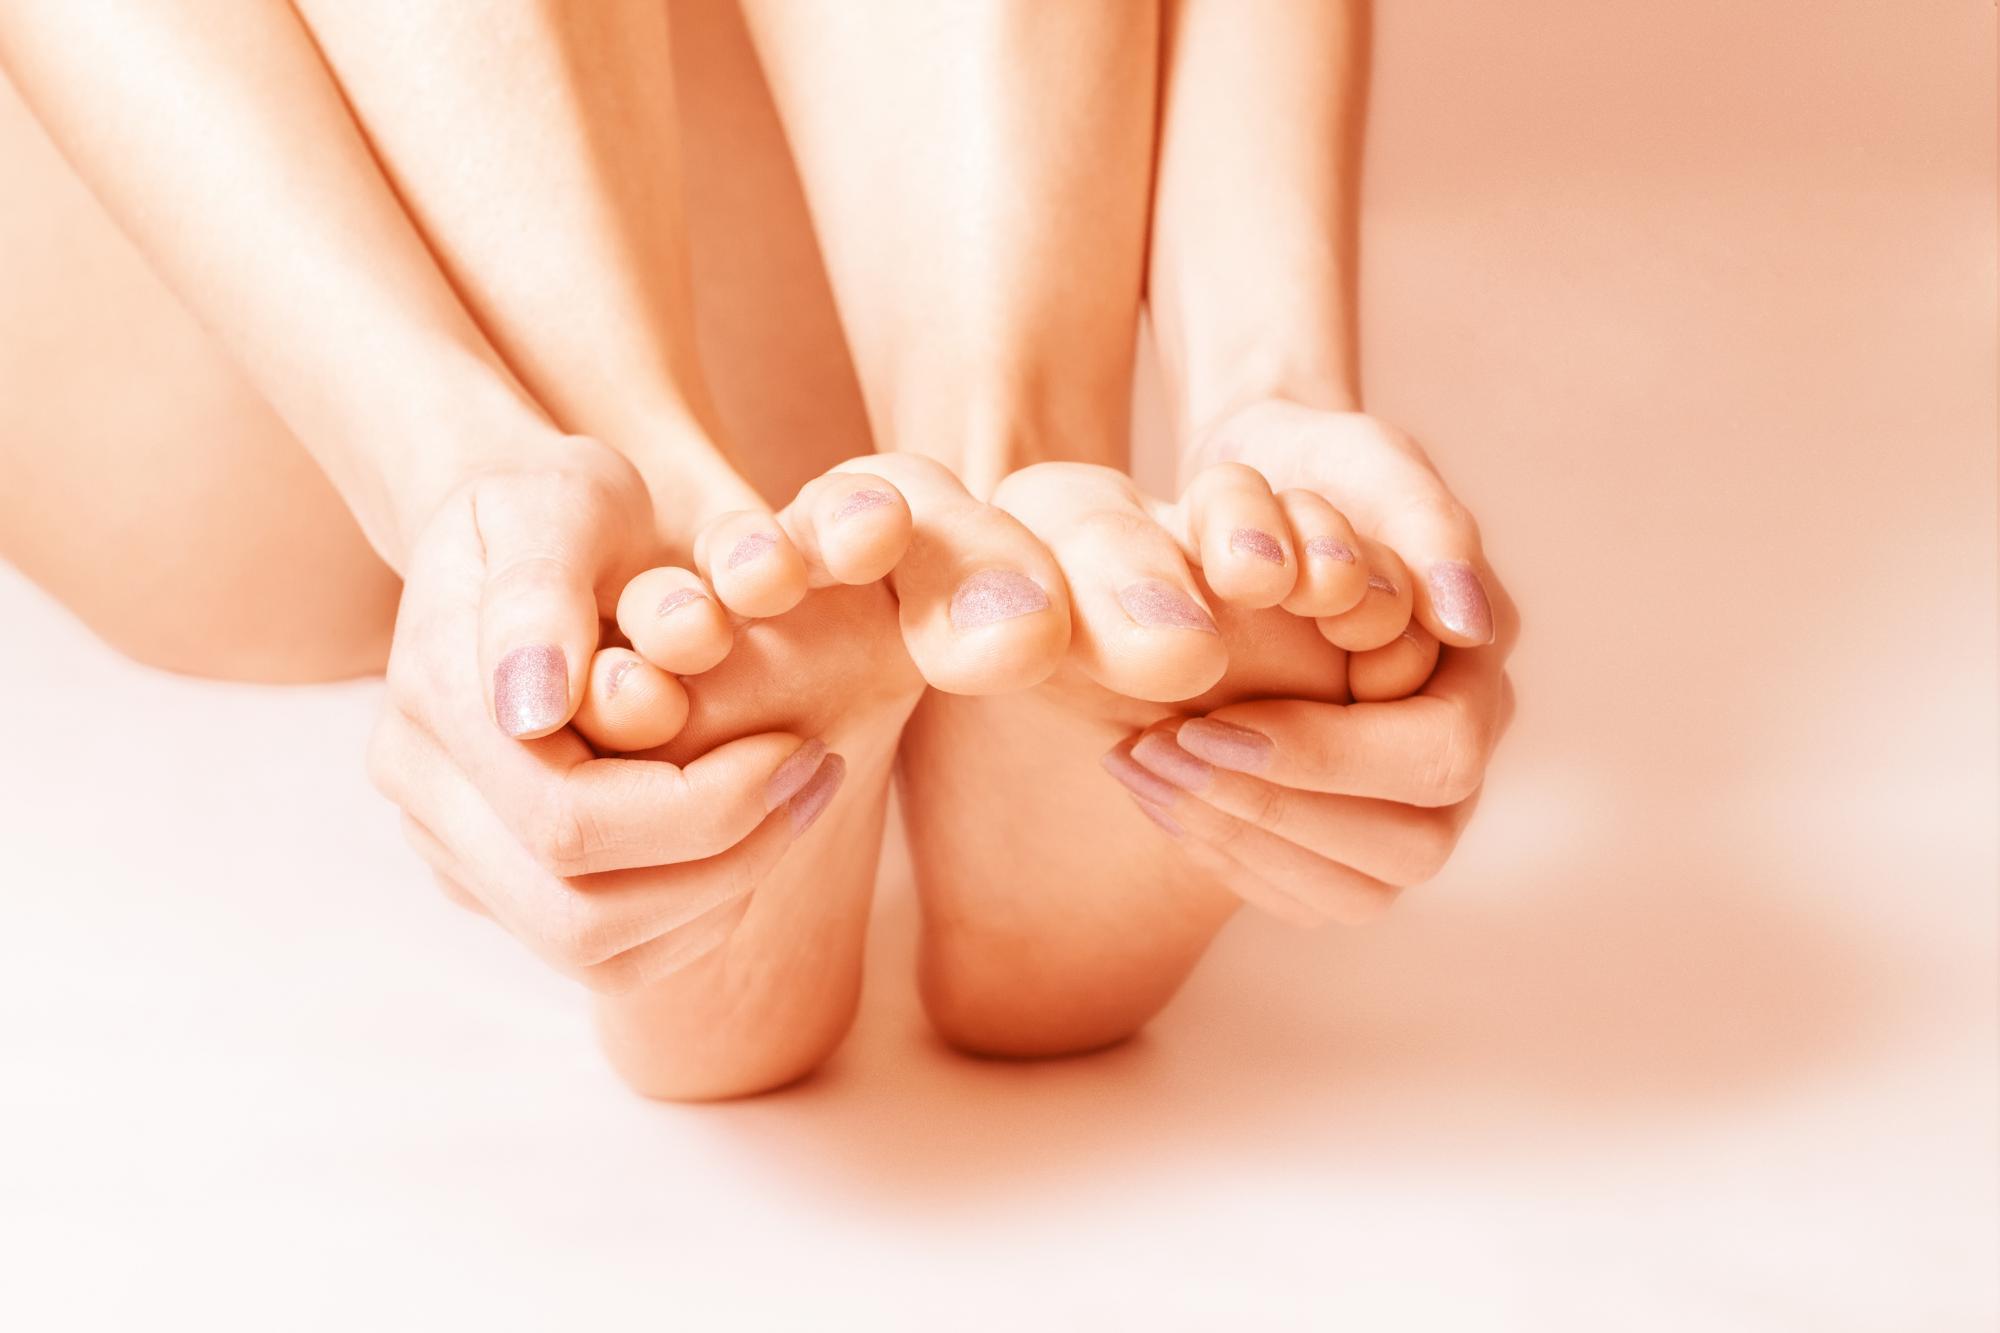 Деформация большого пальца стопы — причины и проявление, профилактика и лечение